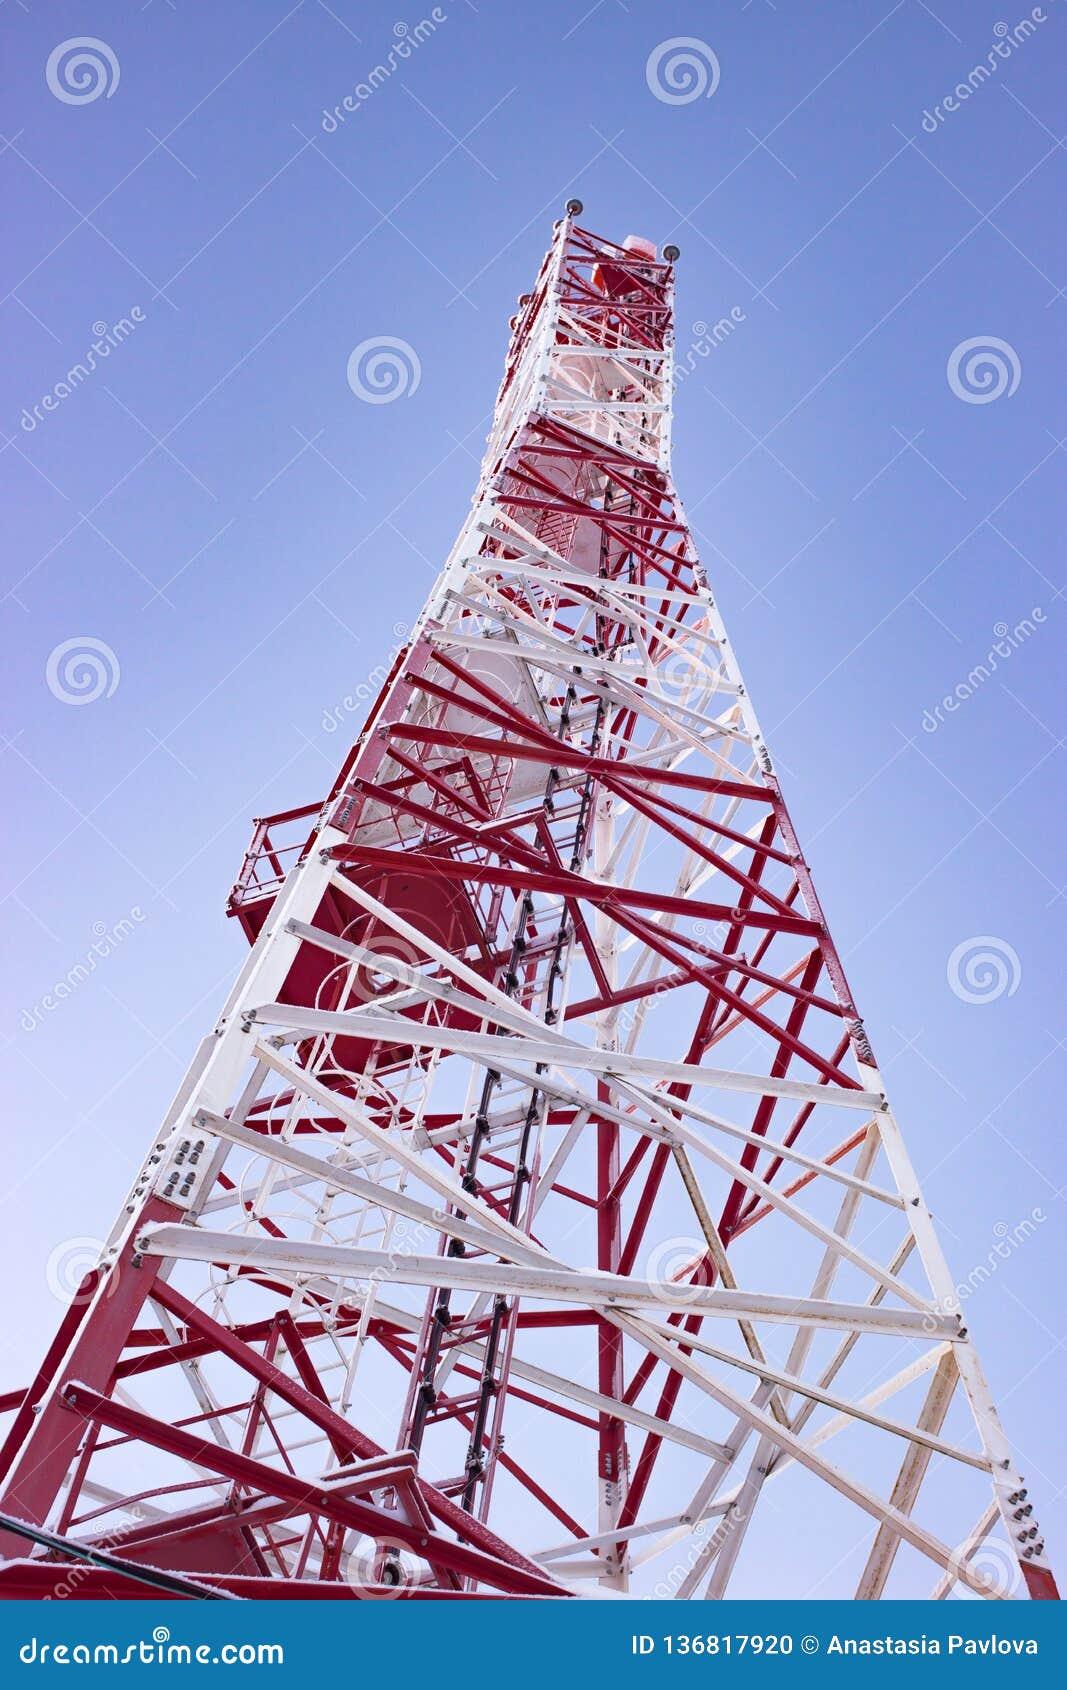 Wit-rode celtoren of mobiele toren op blauwe hemel die van bodem wordt geschoten